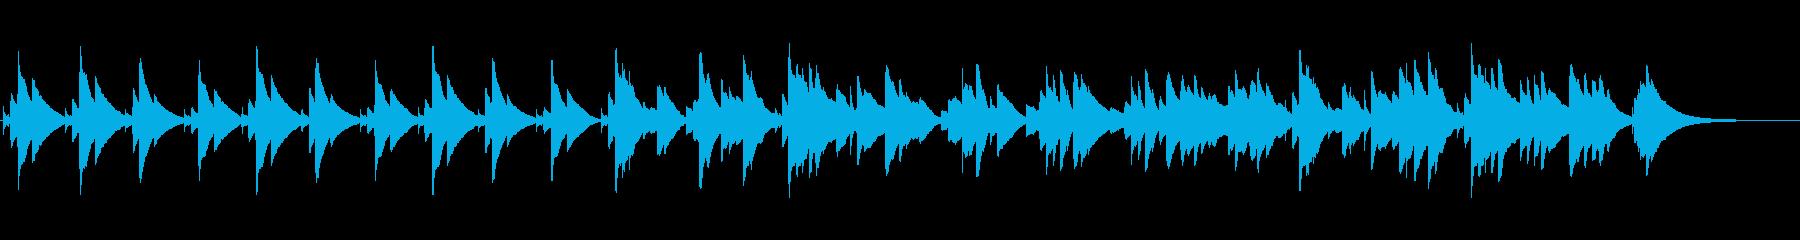 眠くなるオルゴールのBGM(約2分)の再生済みの波形